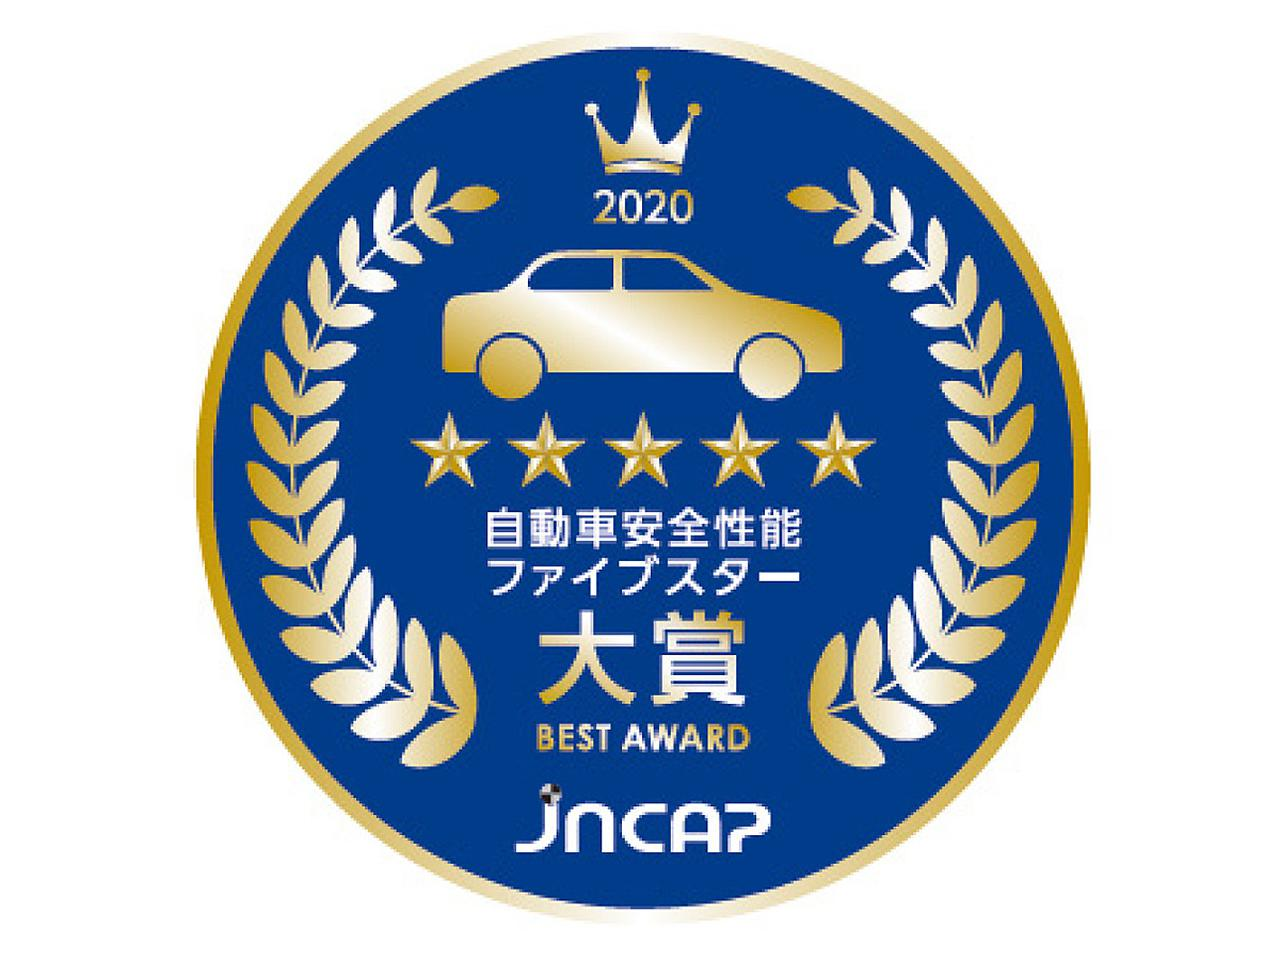 画像: JNCAP「自動車安全性能 2020 ファイブスター大賞」のエンブレム。